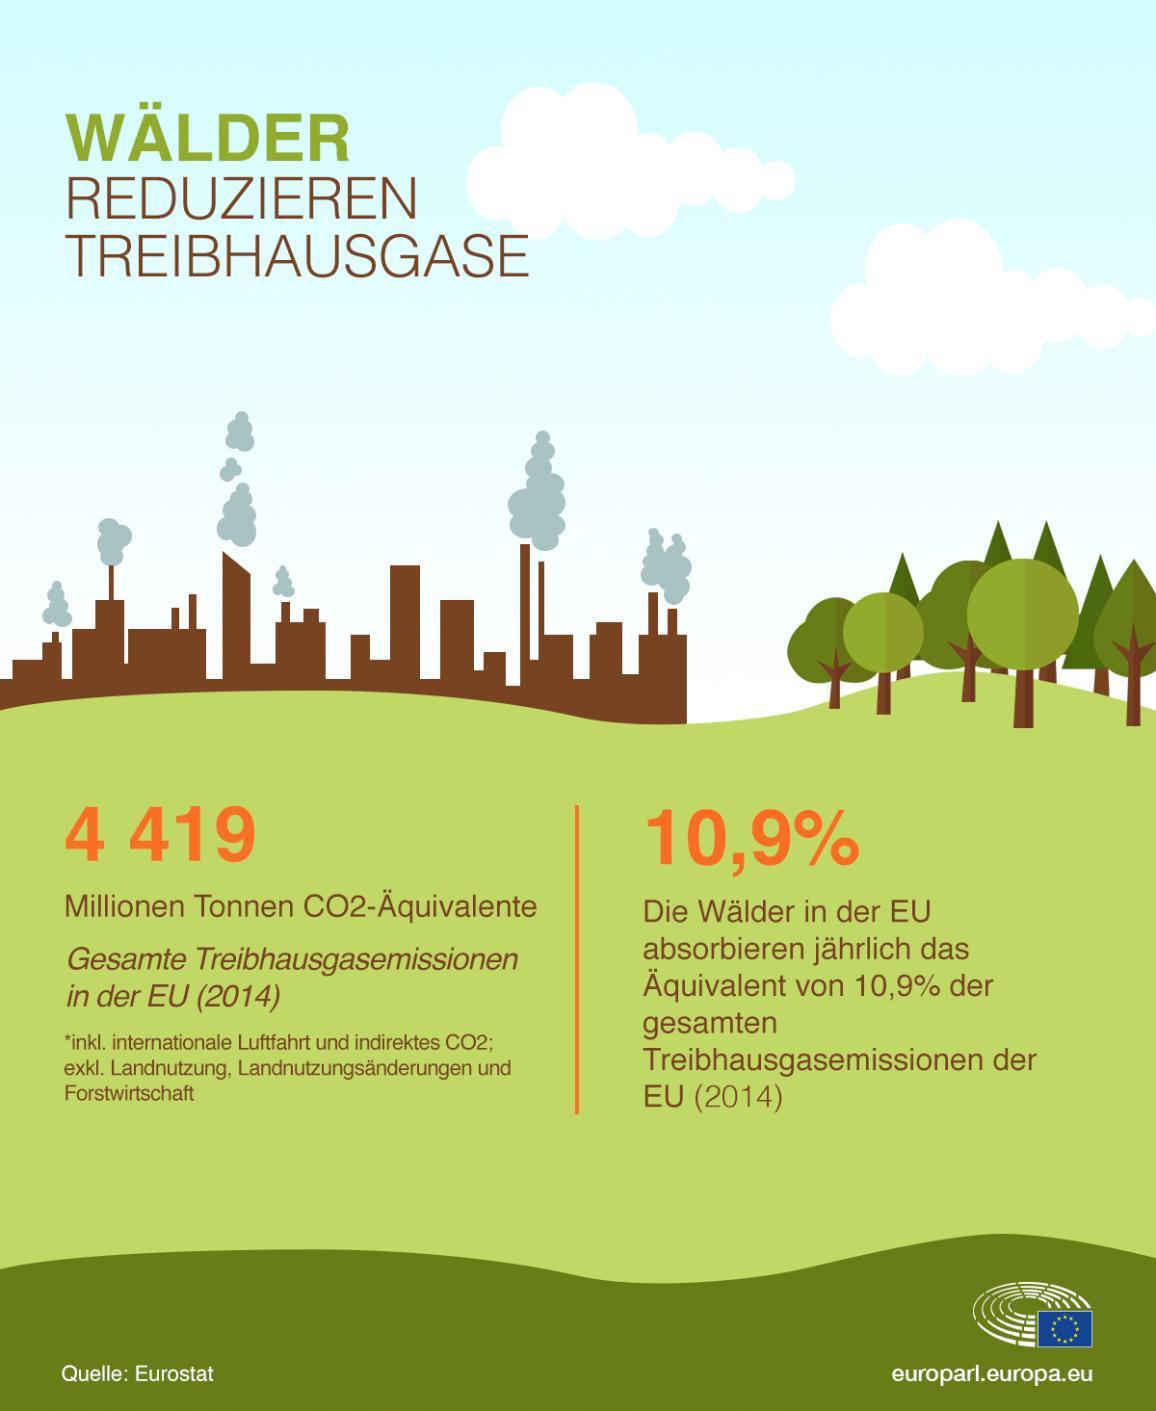 klimawandel w lder nutzen um co2 emissionen auszugleichen aktuelles european parliament. Black Bedroom Furniture Sets. Home Design Ideas